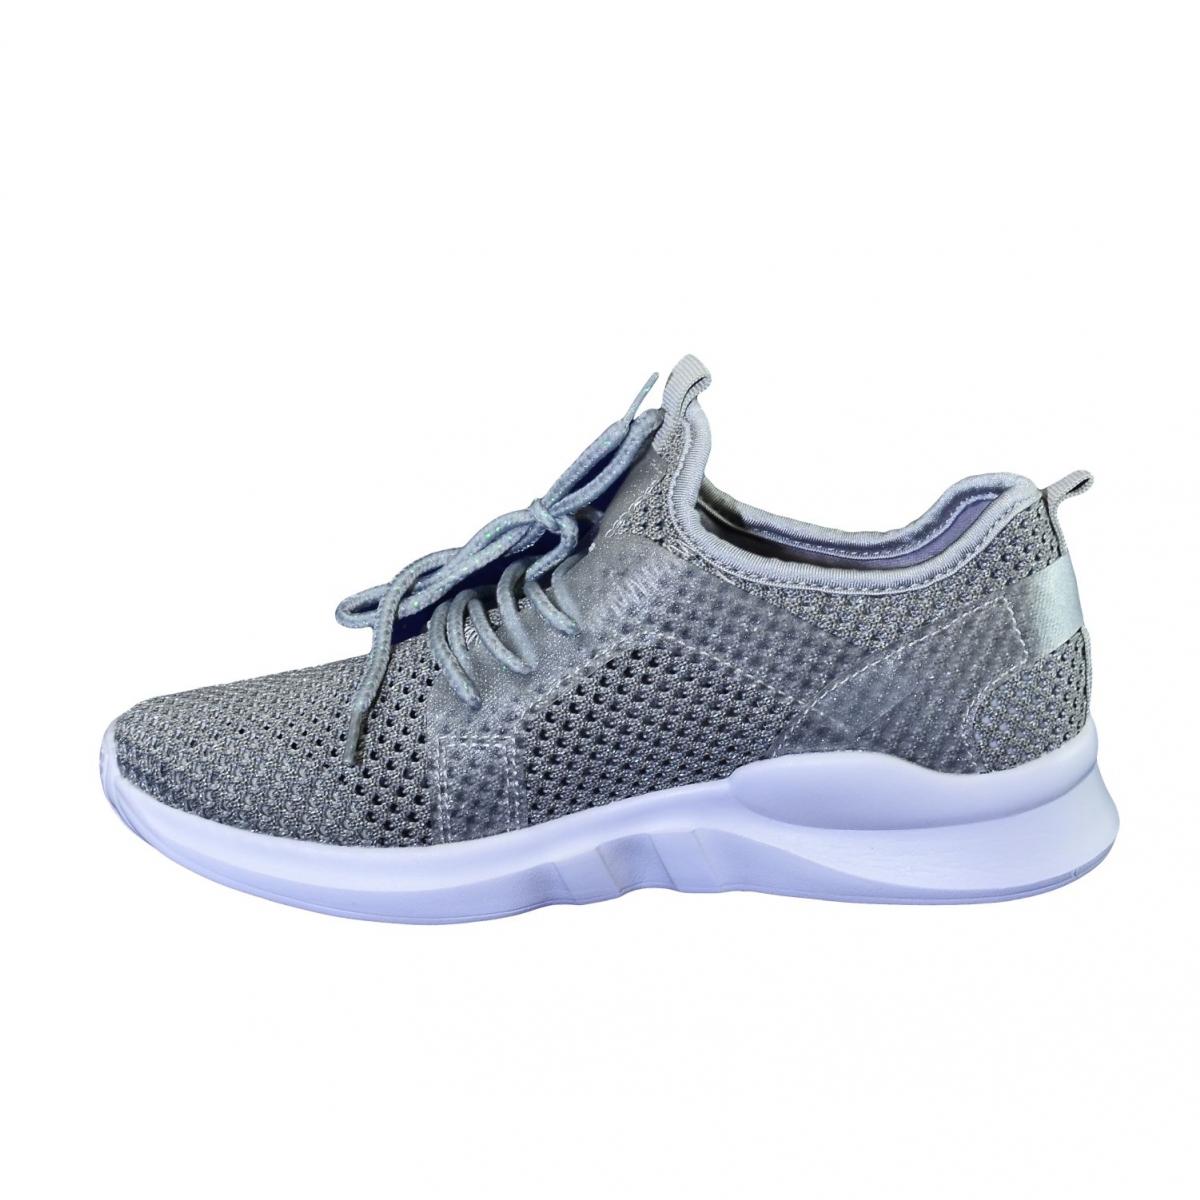 b55e2cee0c79 Dámske sivé botasky NORNA - 6